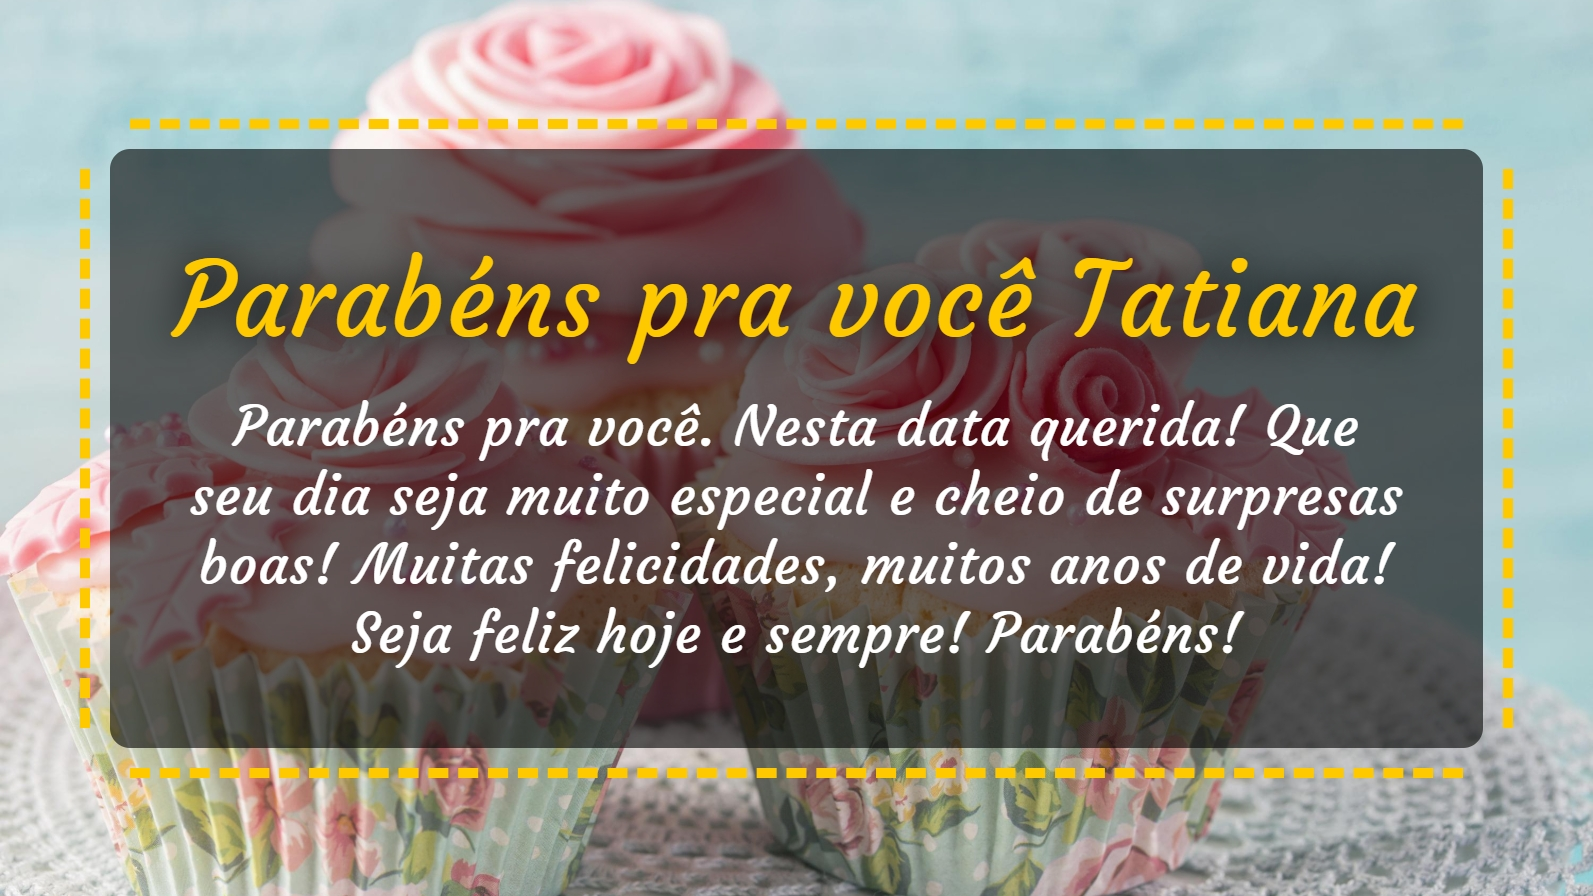 Parabéns pra você Tatiana! Parabéns pra você. Nesta data querida! Que seu dia seja muito especial e cheio de surpresas boas! Muitas felicidades, muitos anos de vida! Seja feliz hoje e sempre! Parabens!